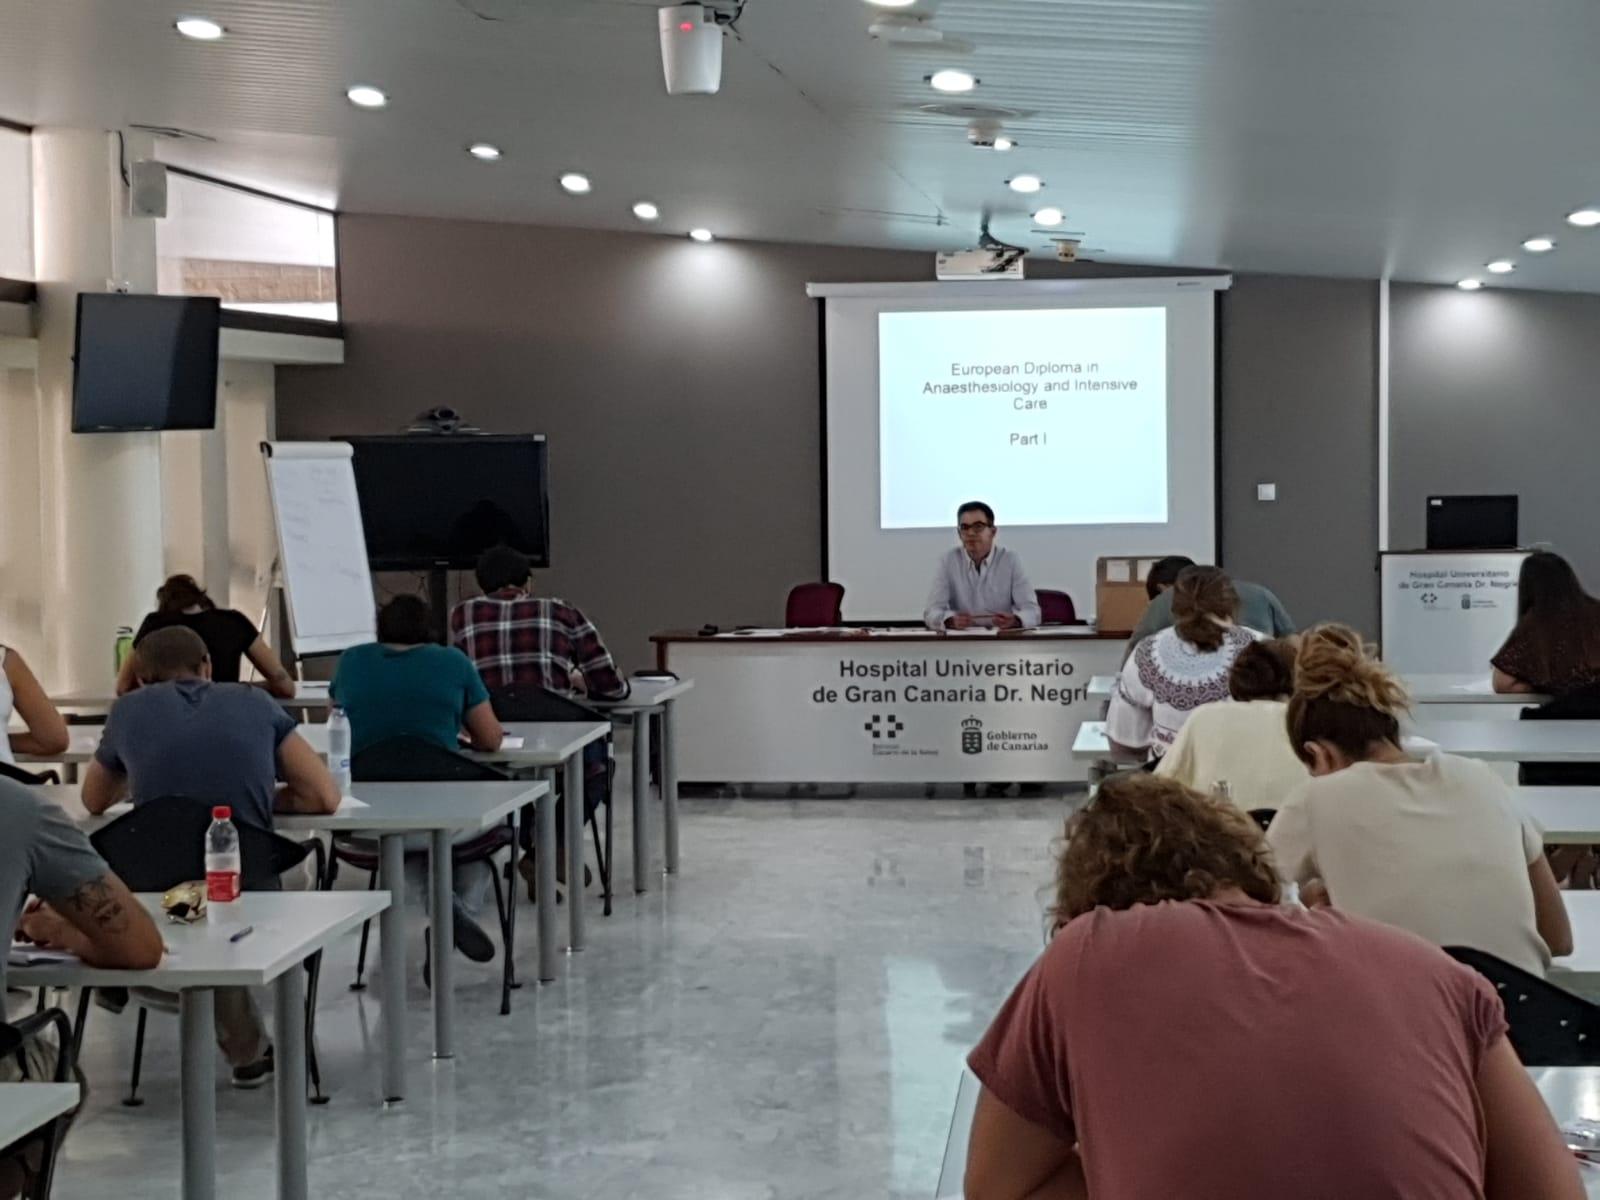 El Hospital Dr. Negrín acoge el examen para obtener el Diploma Europeo en Anestesiología y Cuidados Intensivos